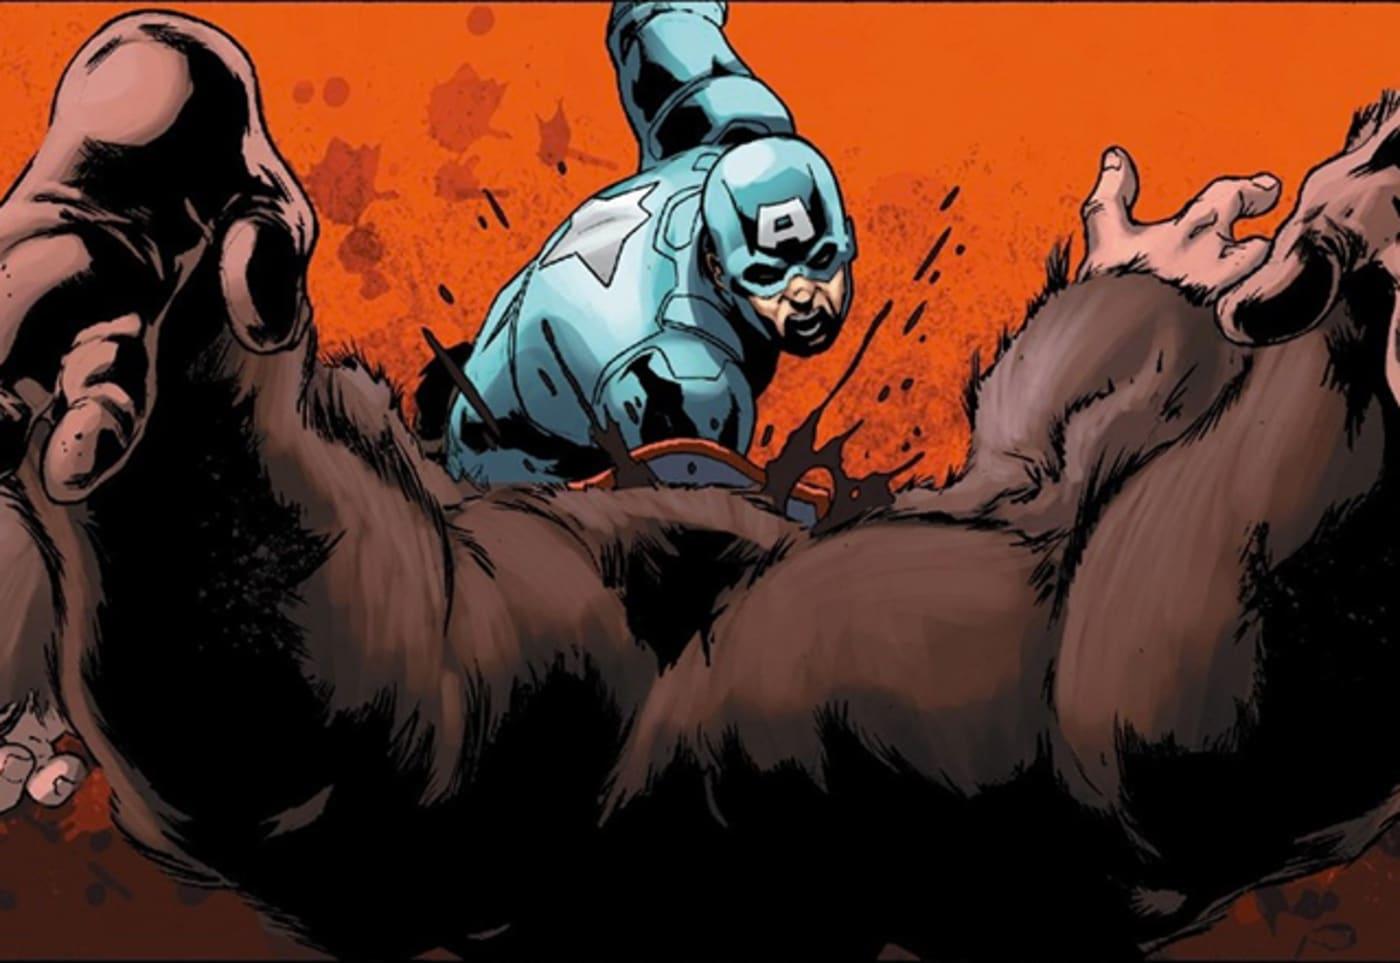 cap kills a gorilla